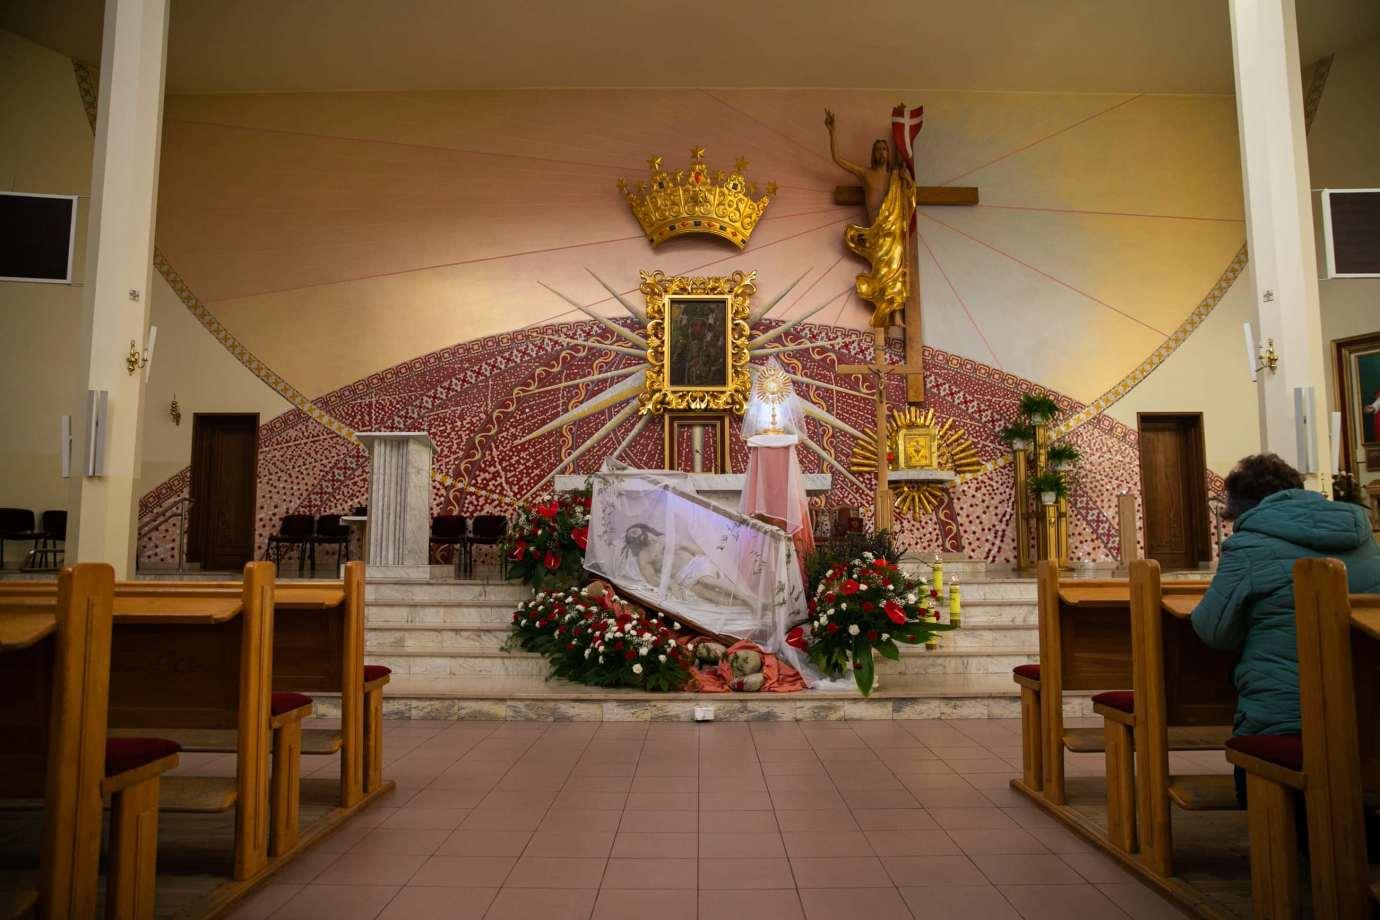 parafia pw matki bozej krolowej polski w zamosciu 7 Zdjęcia grobów pańskich w zamojskich świątyniach